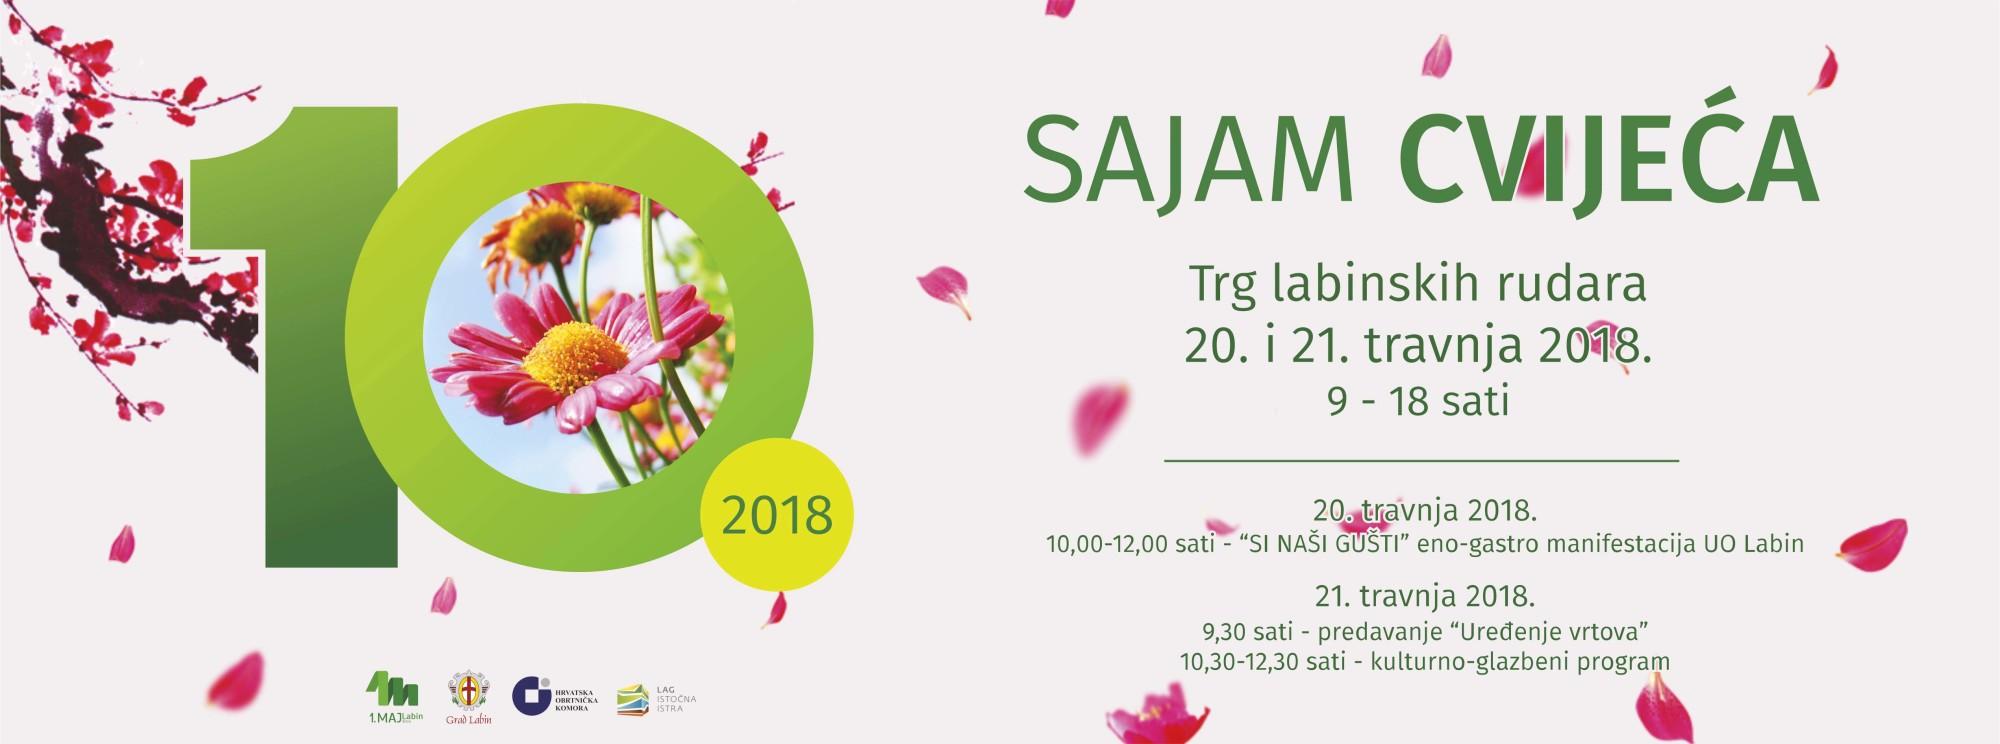 10. Sajam cvijeća 2018.